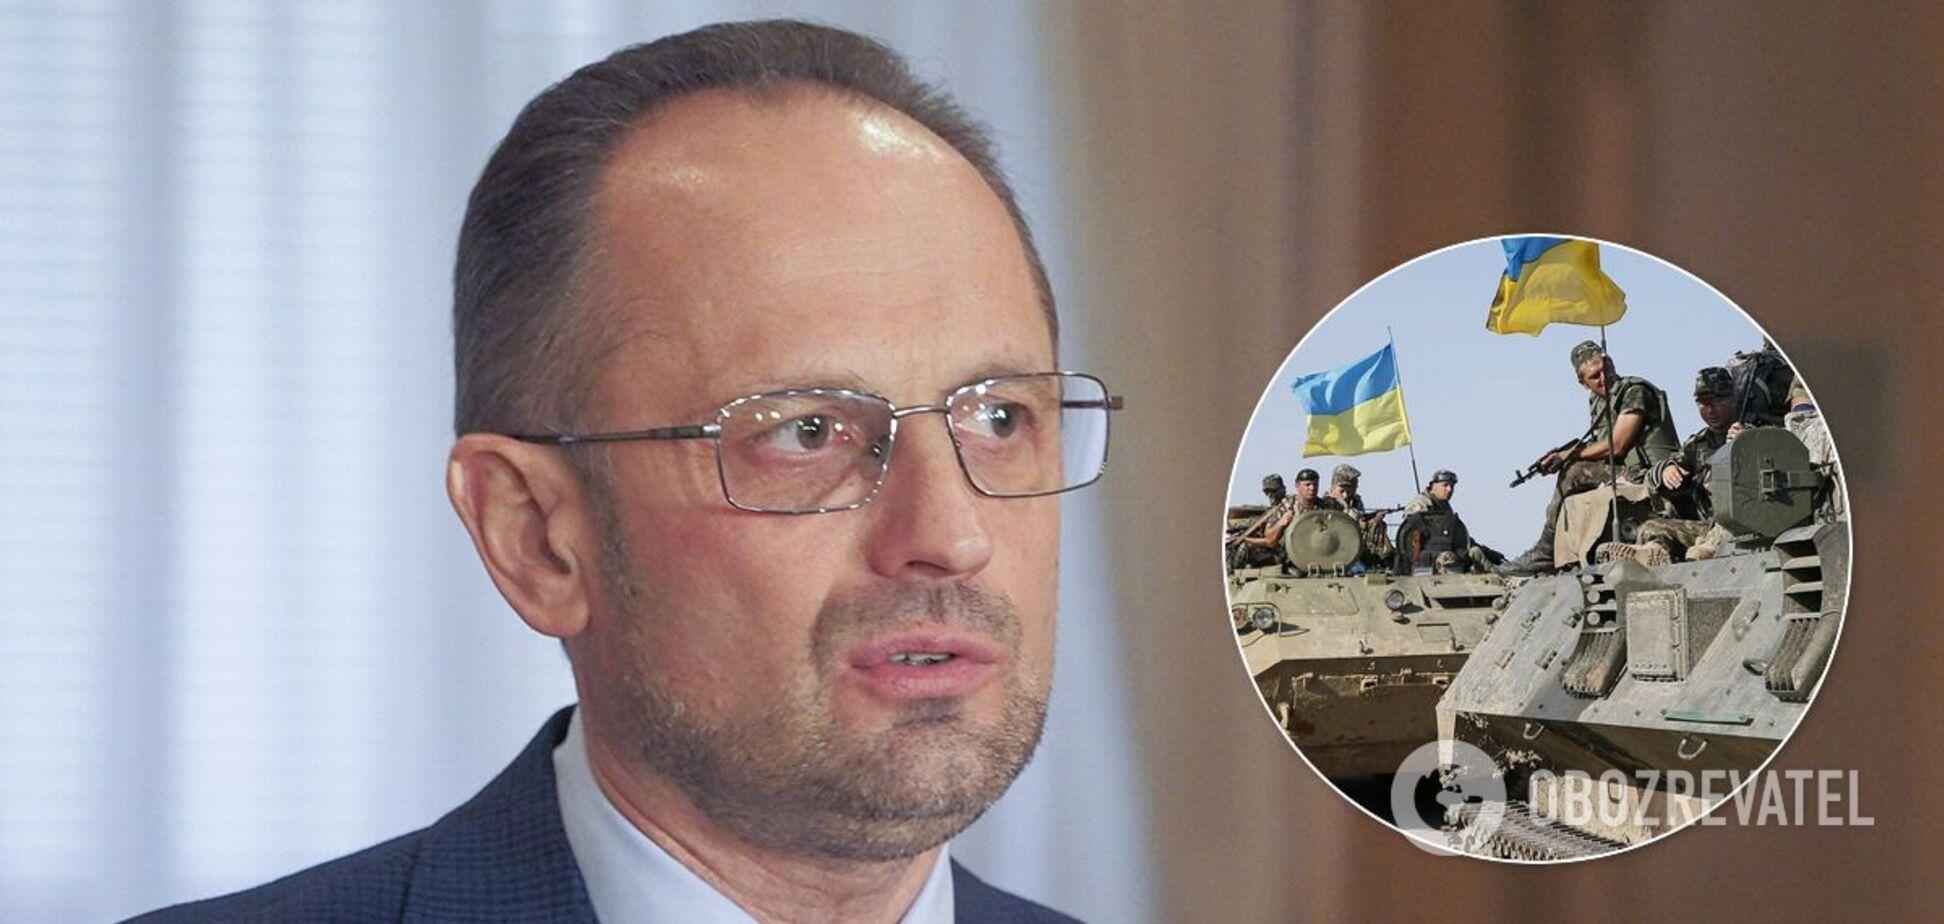 Безсмертний сказав, що може змусити Путіна закінчити війну в Україні